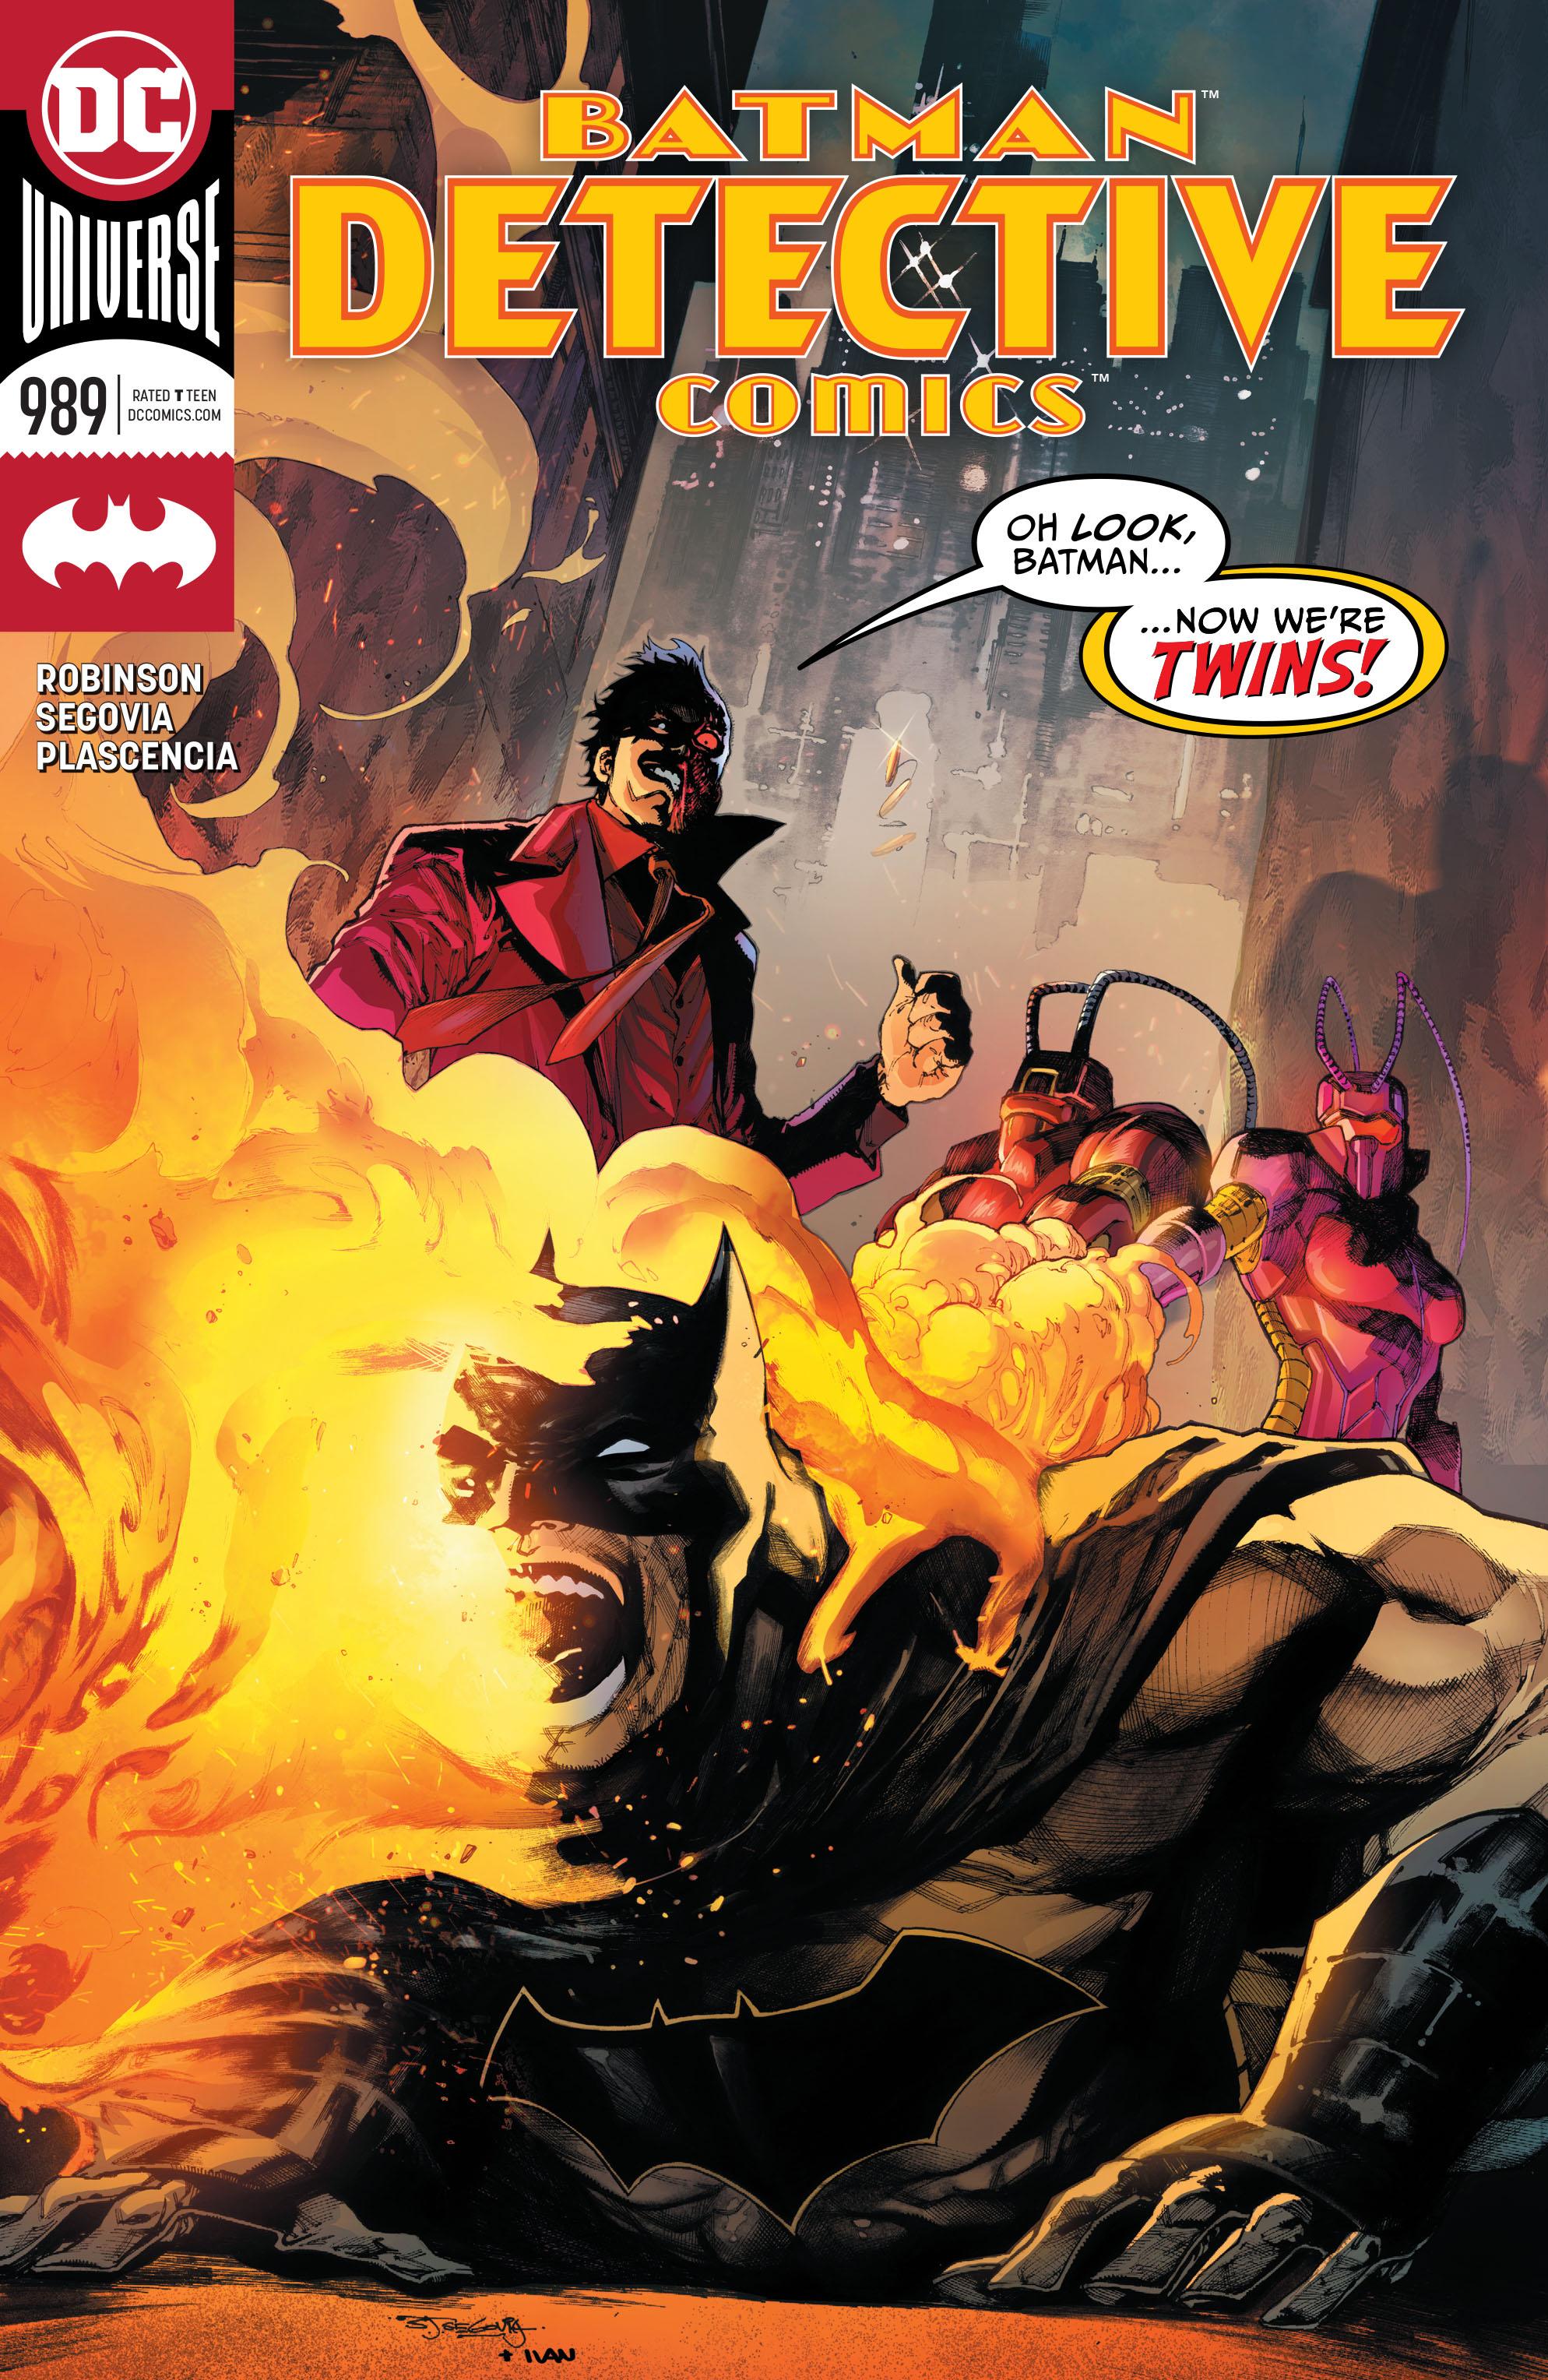 Detective Comics Vol 1 989